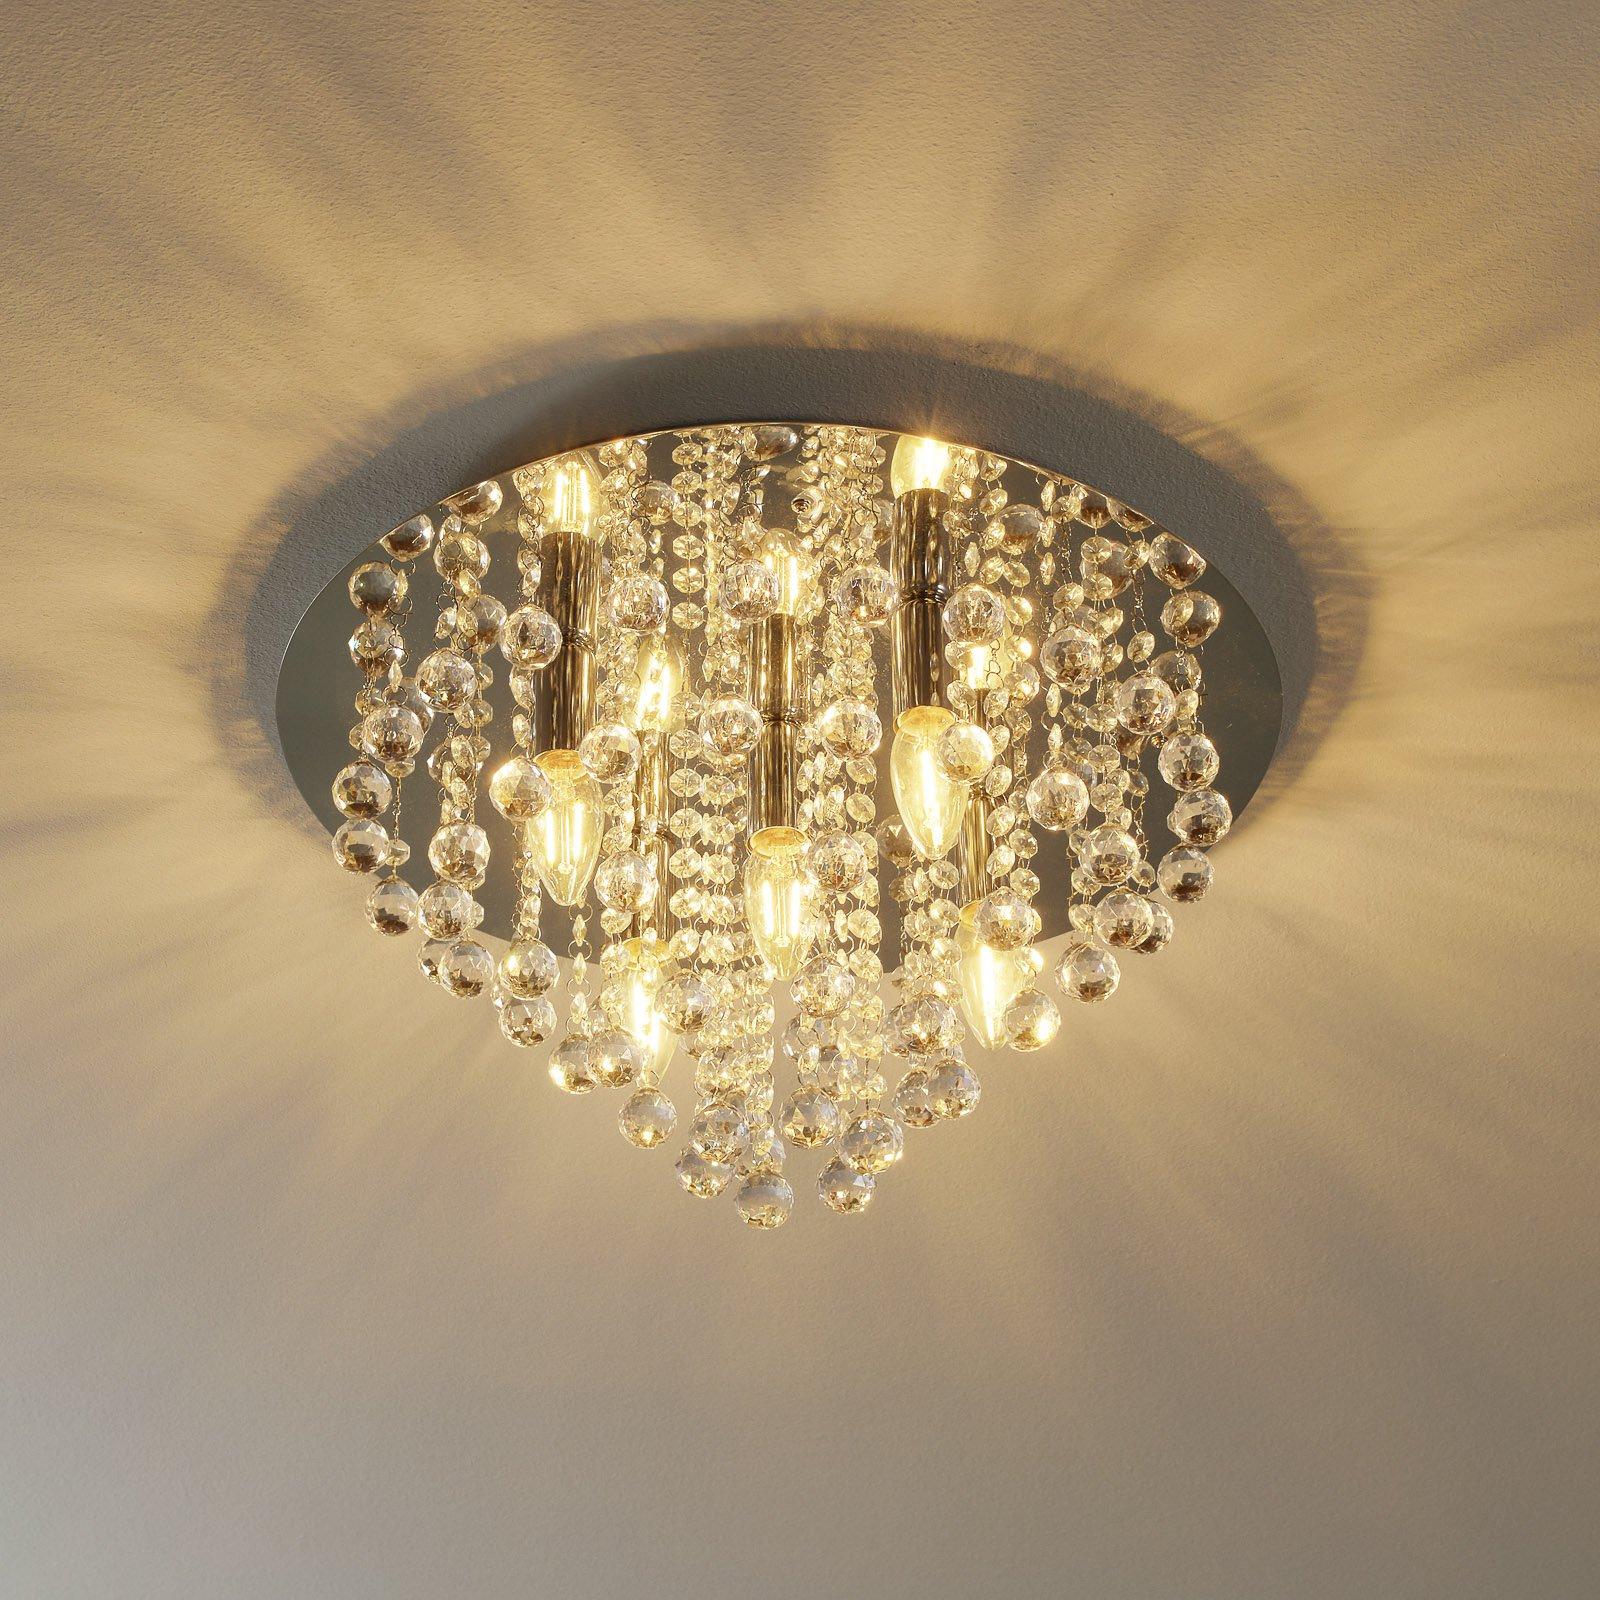 Skinnende Londen taklampe med fem lys